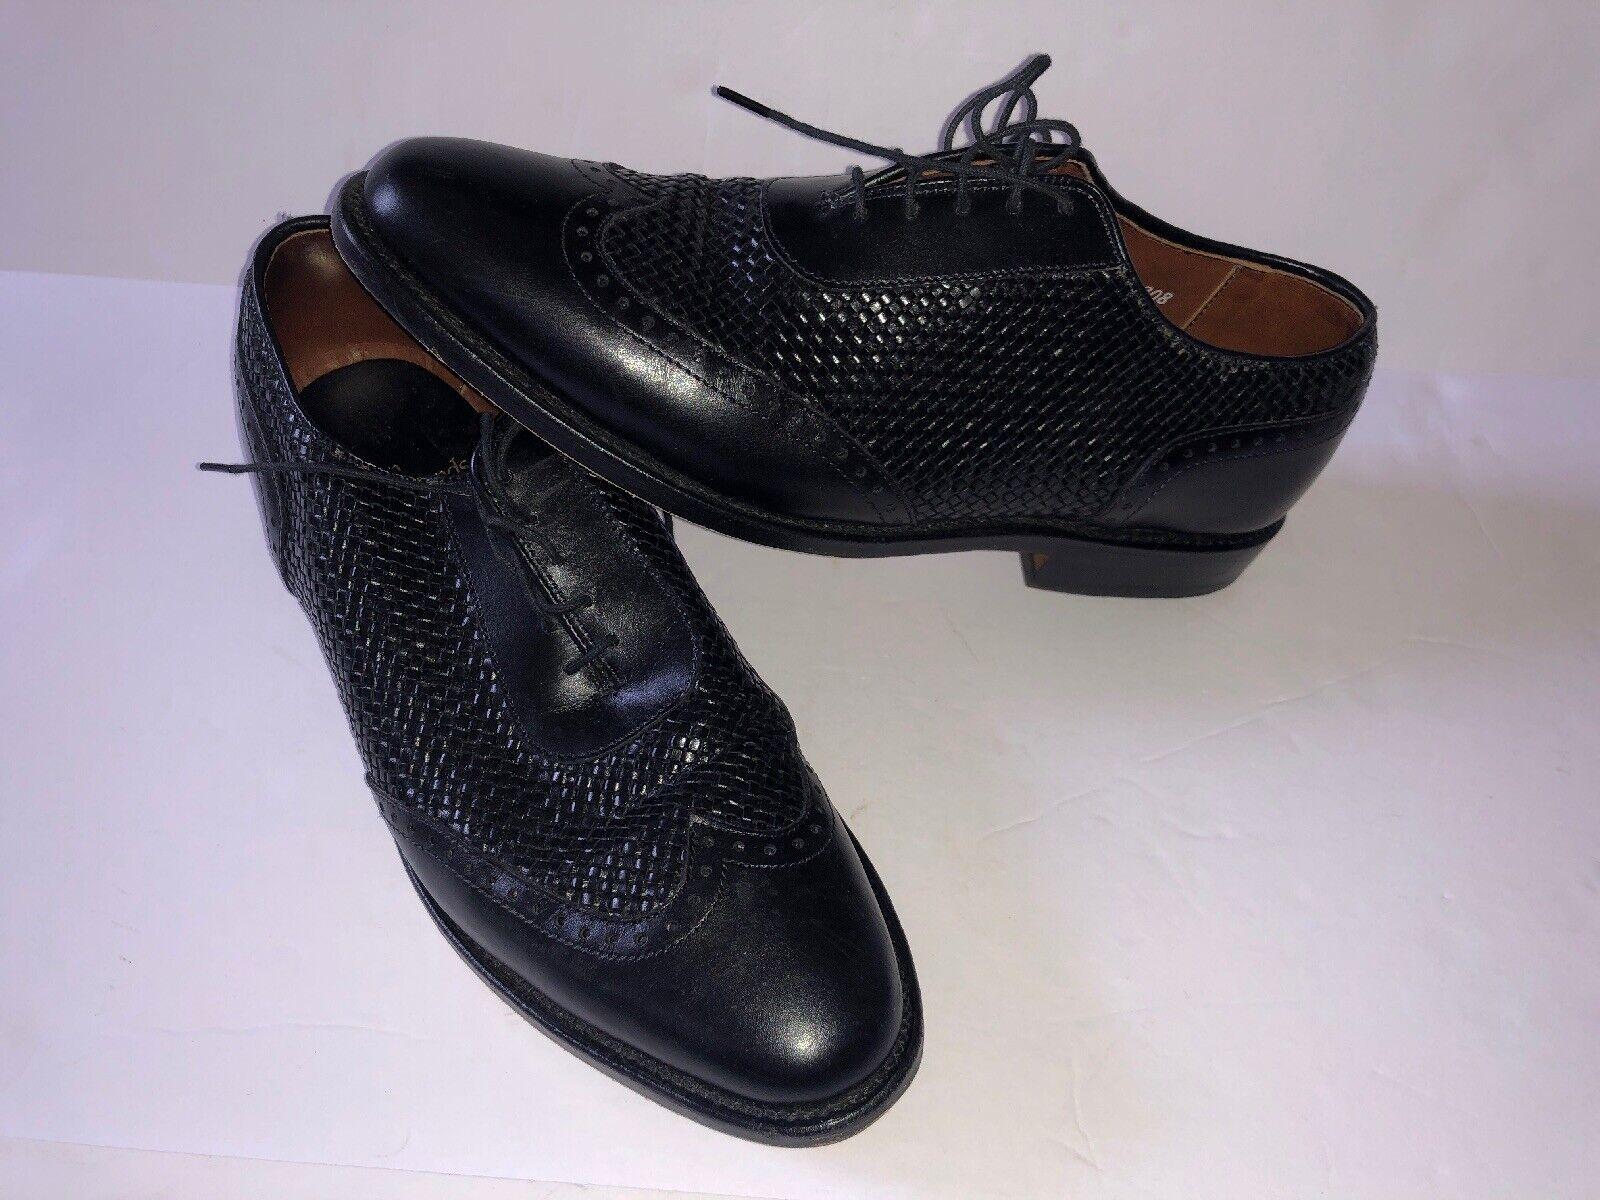 Allen Edmonds Hampstead Para Hombre Zapato Oxford Negro Tamaño 8 D - 1908